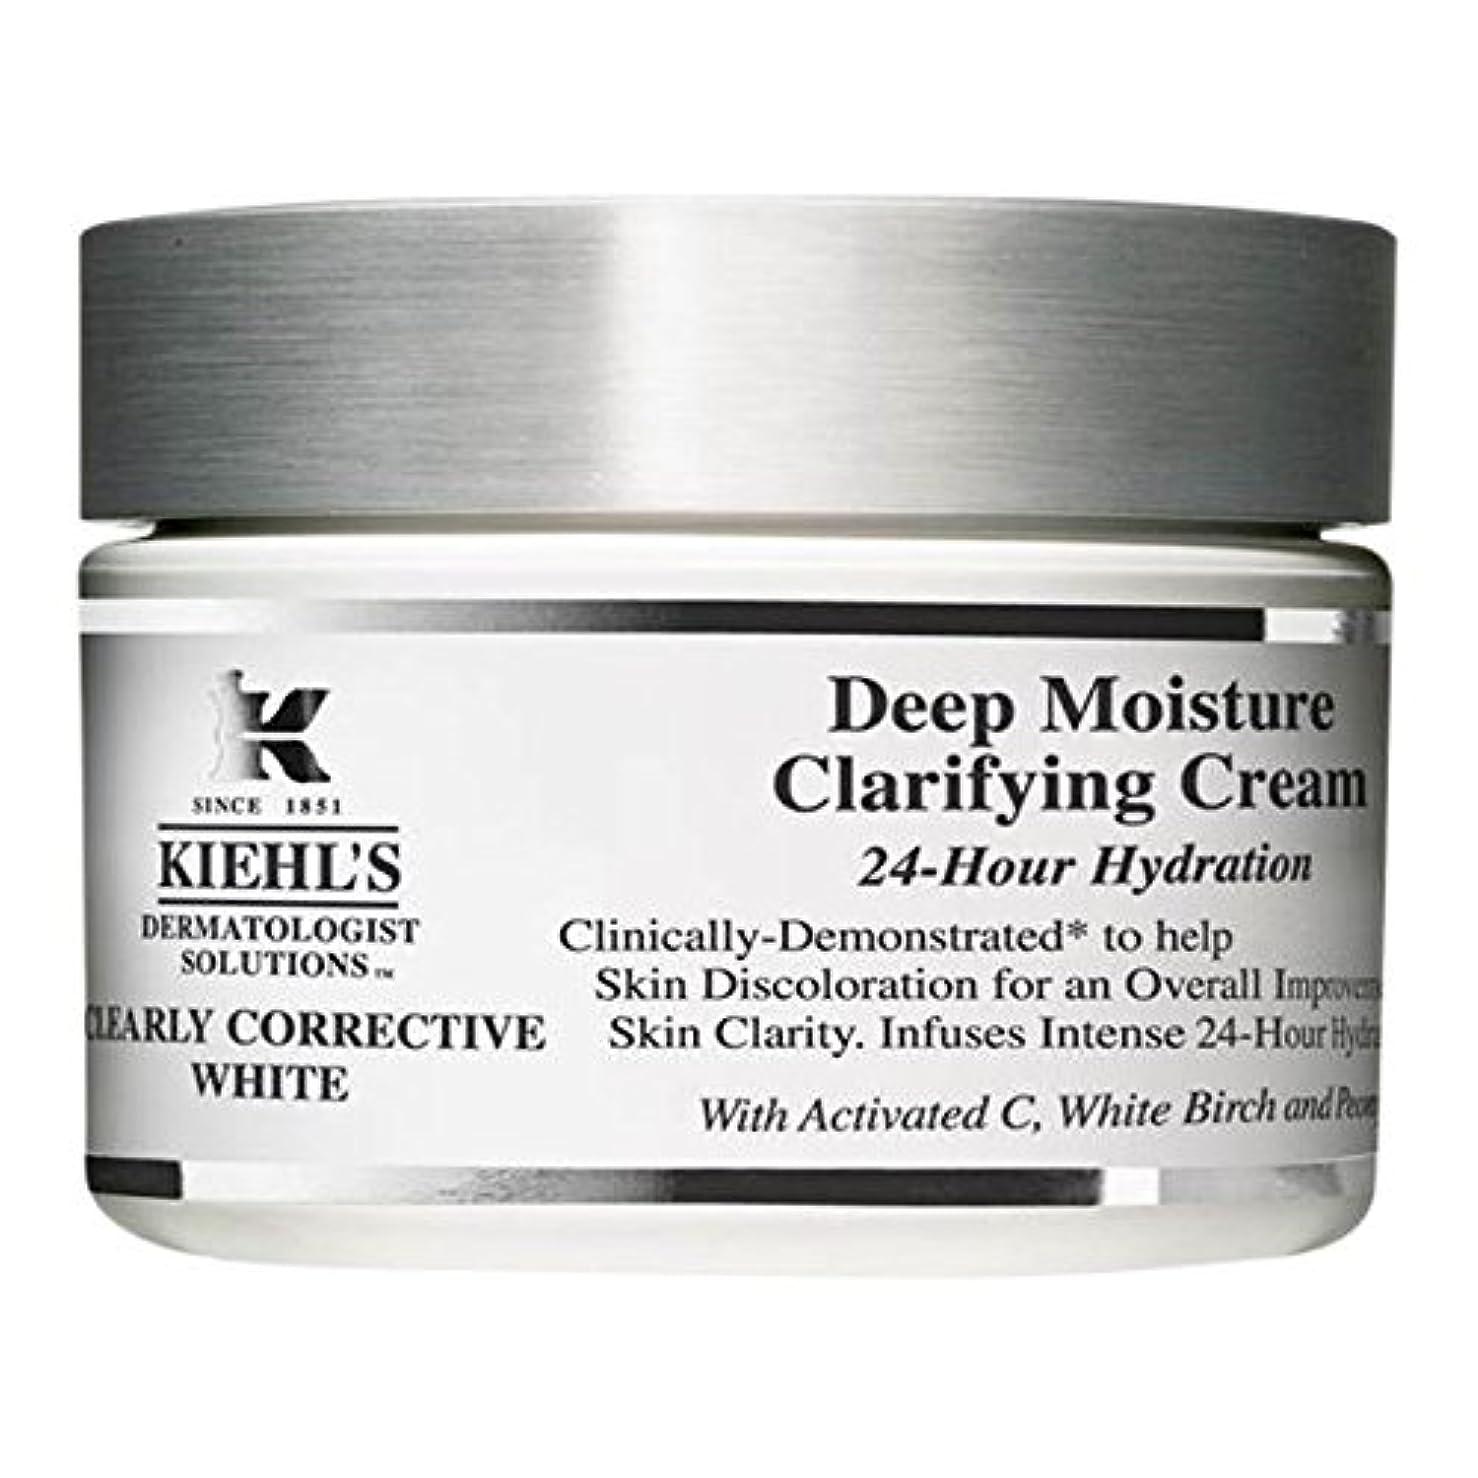 拒絶活性化順番[Kiehl's] キールズ明確に是正白深い水分清澄クリーム - Kiehl's Clearly Corrective White Deep Moisture Clarifying Cream [並行輸入品]